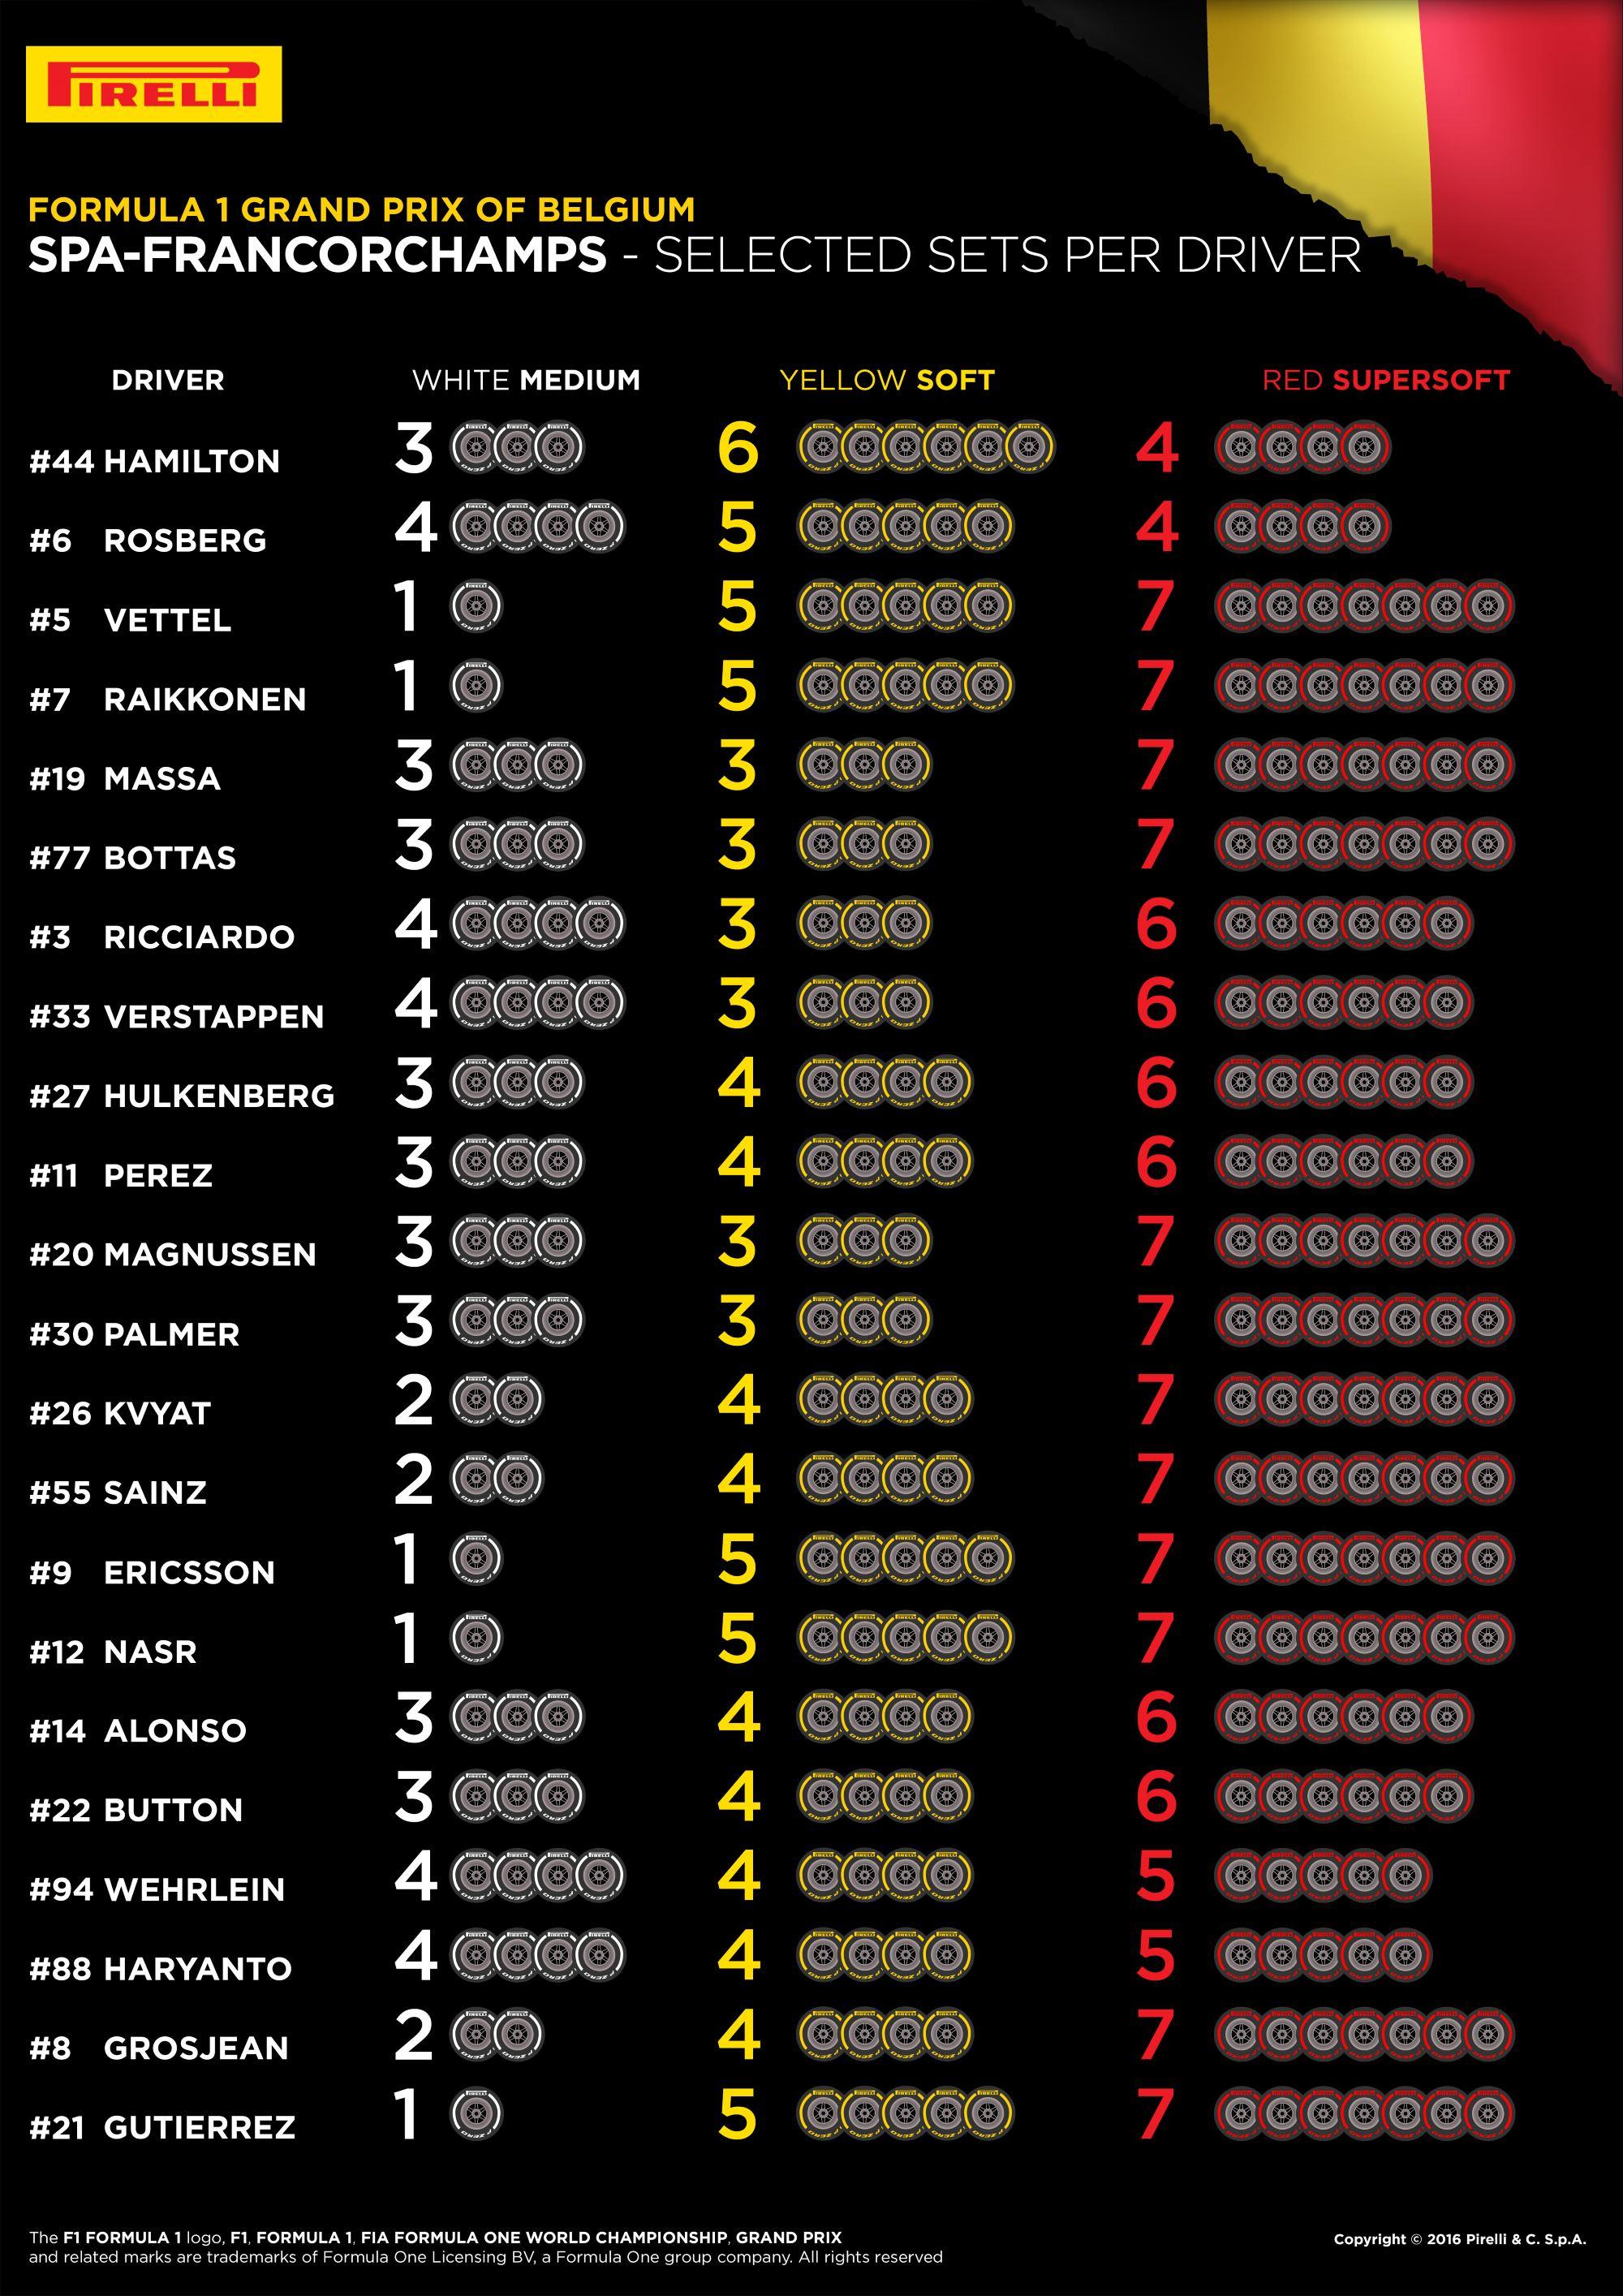 13-spa-selected-sets-per-driver-4k-en_6